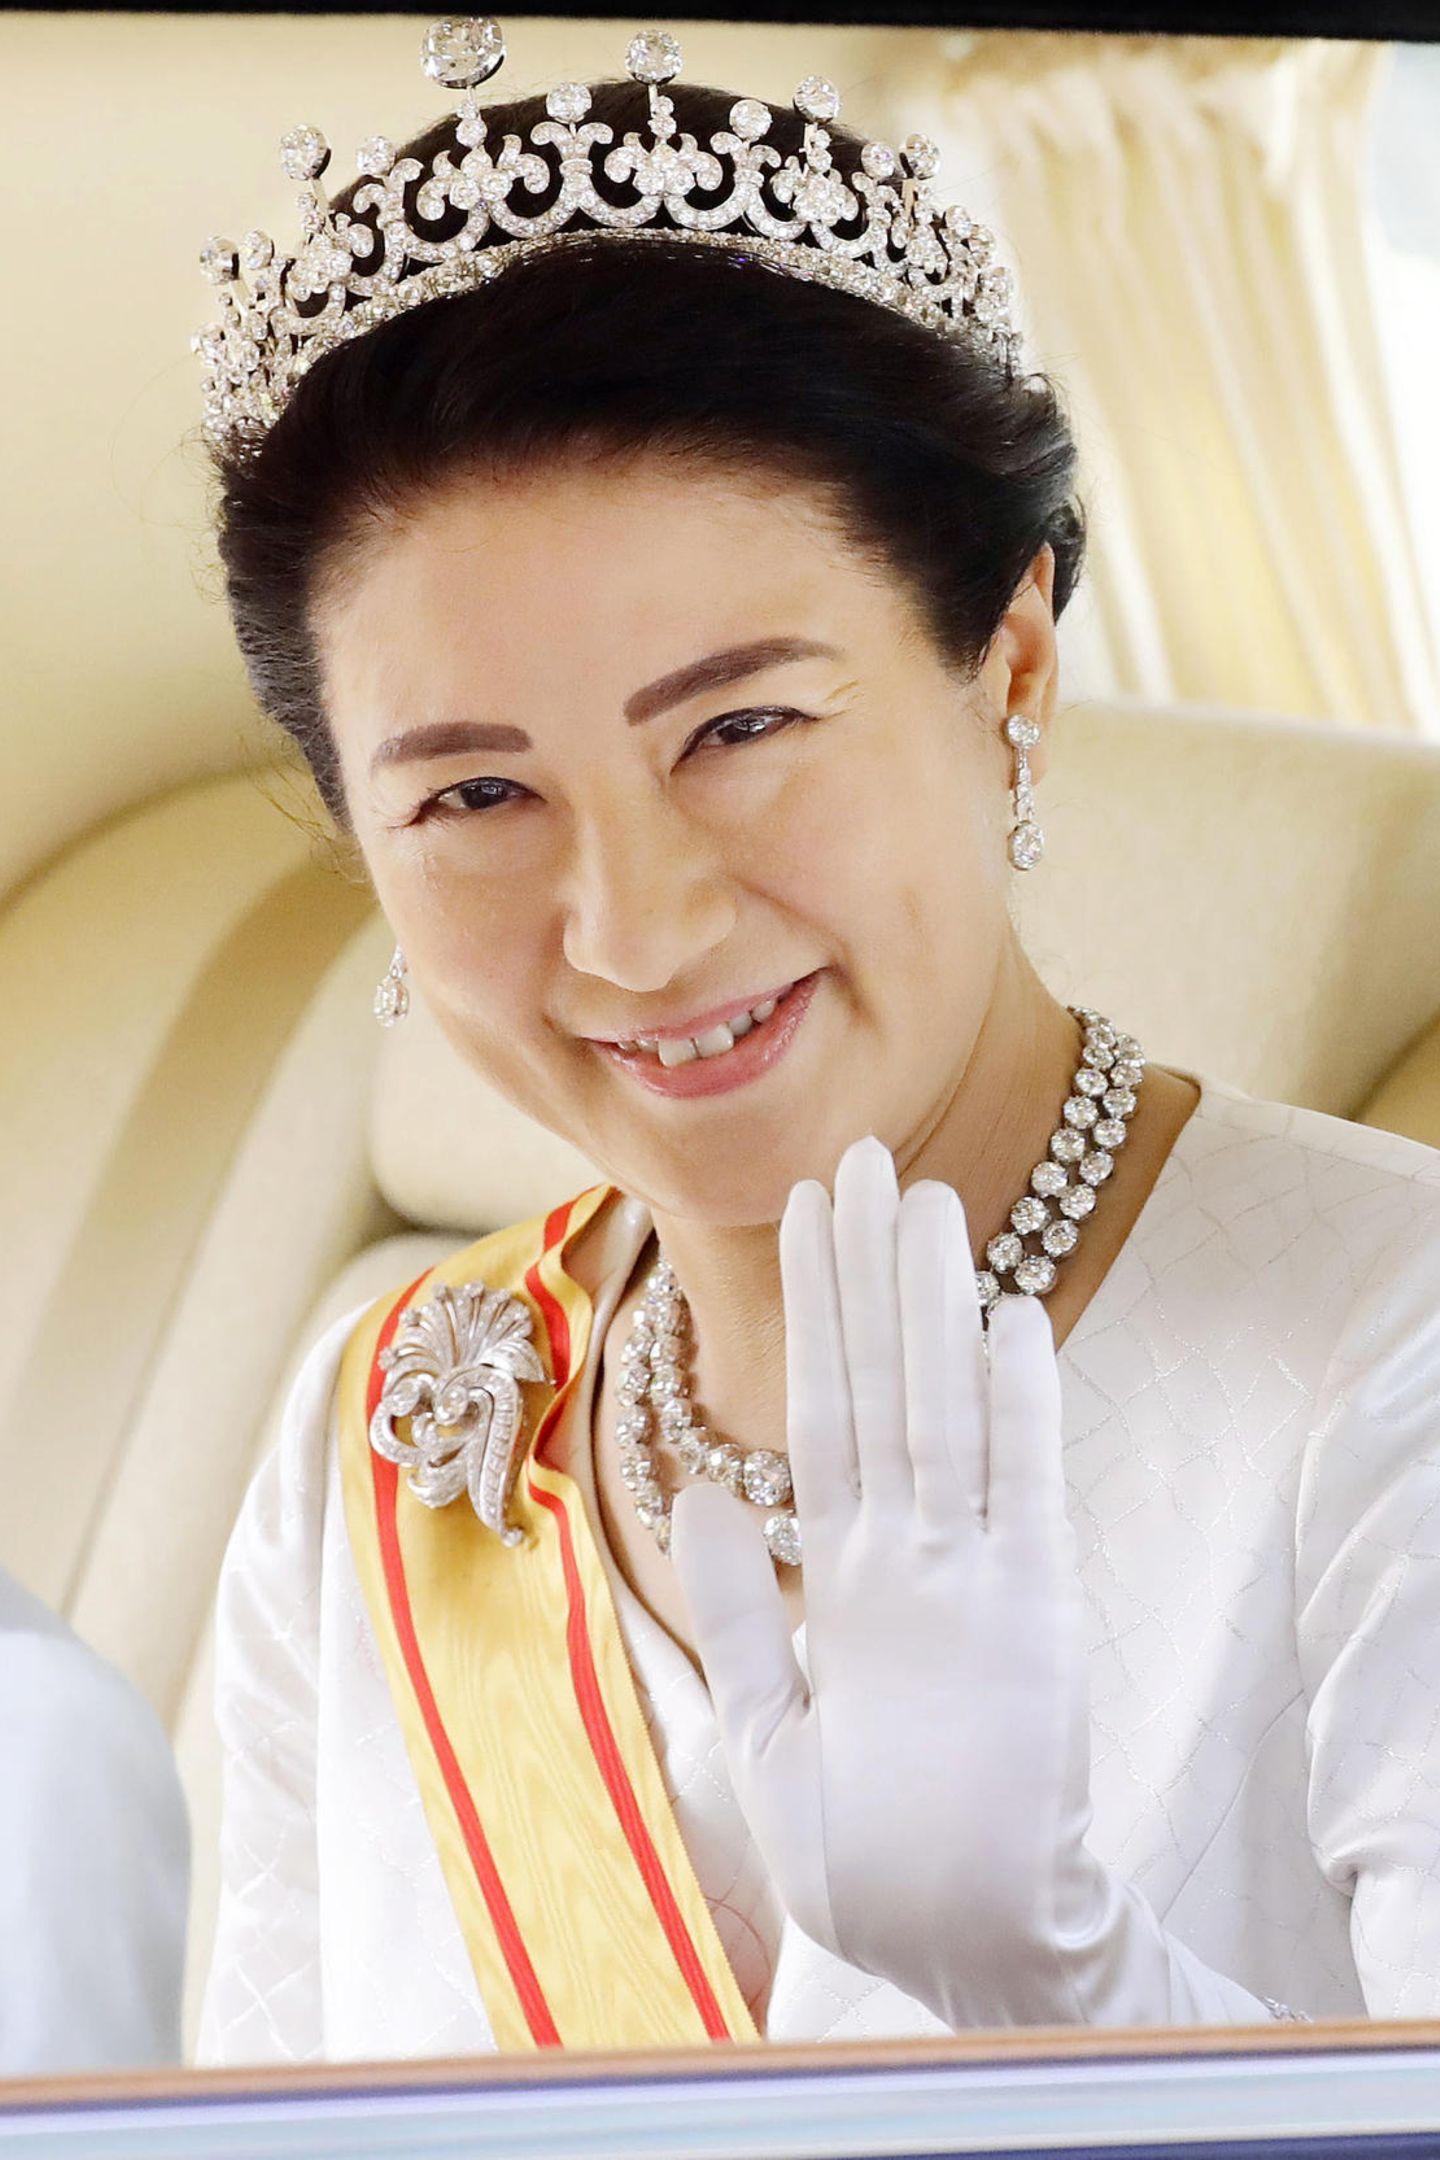 Bei ihrem ersten Auftritt als Kaiserin trägt Masako von Japan ein funkelndes Collier und elegante Ohrringe. Vor allem ihre atemberaubende Tiara sticht ins Auge. Dieses Schmuckstück soll bereits über 130 Jahre alt sein und zuvor Masako bisher vorenthalten gewesen sein. Die Kaiserin hat also allen Grund so schön zu strahlen.